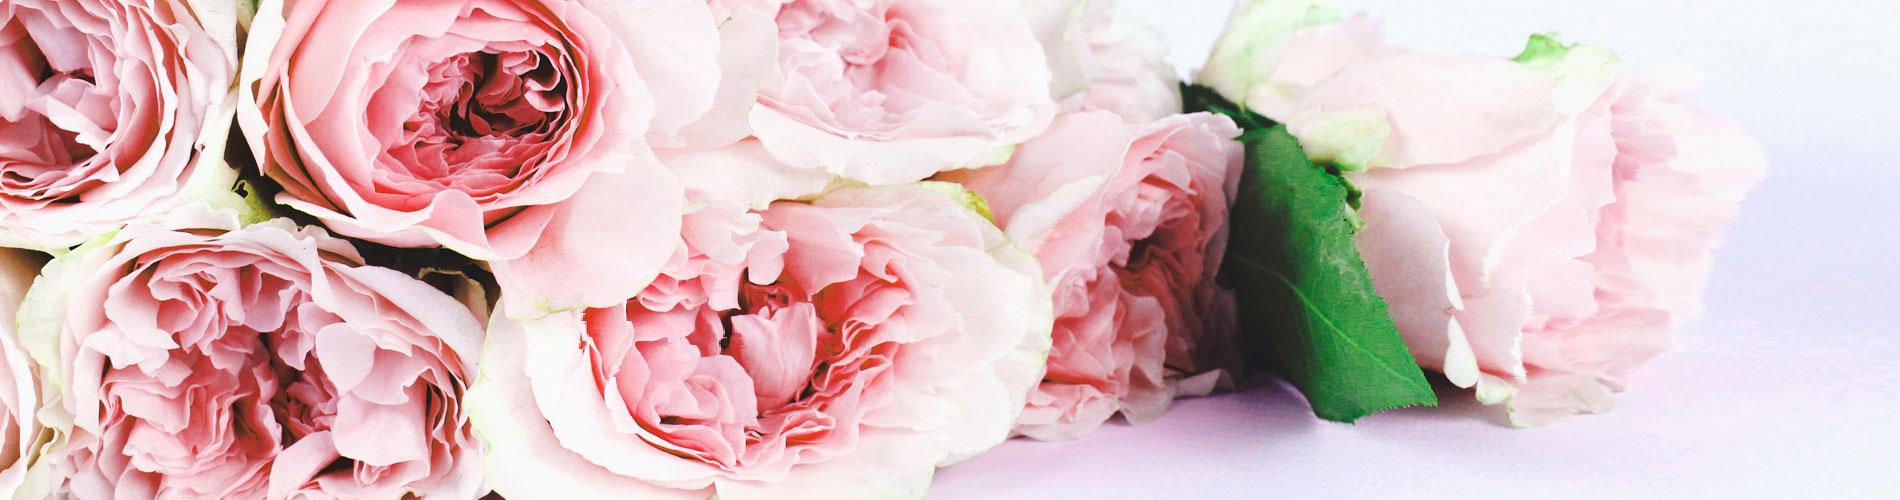 flower-1119wp